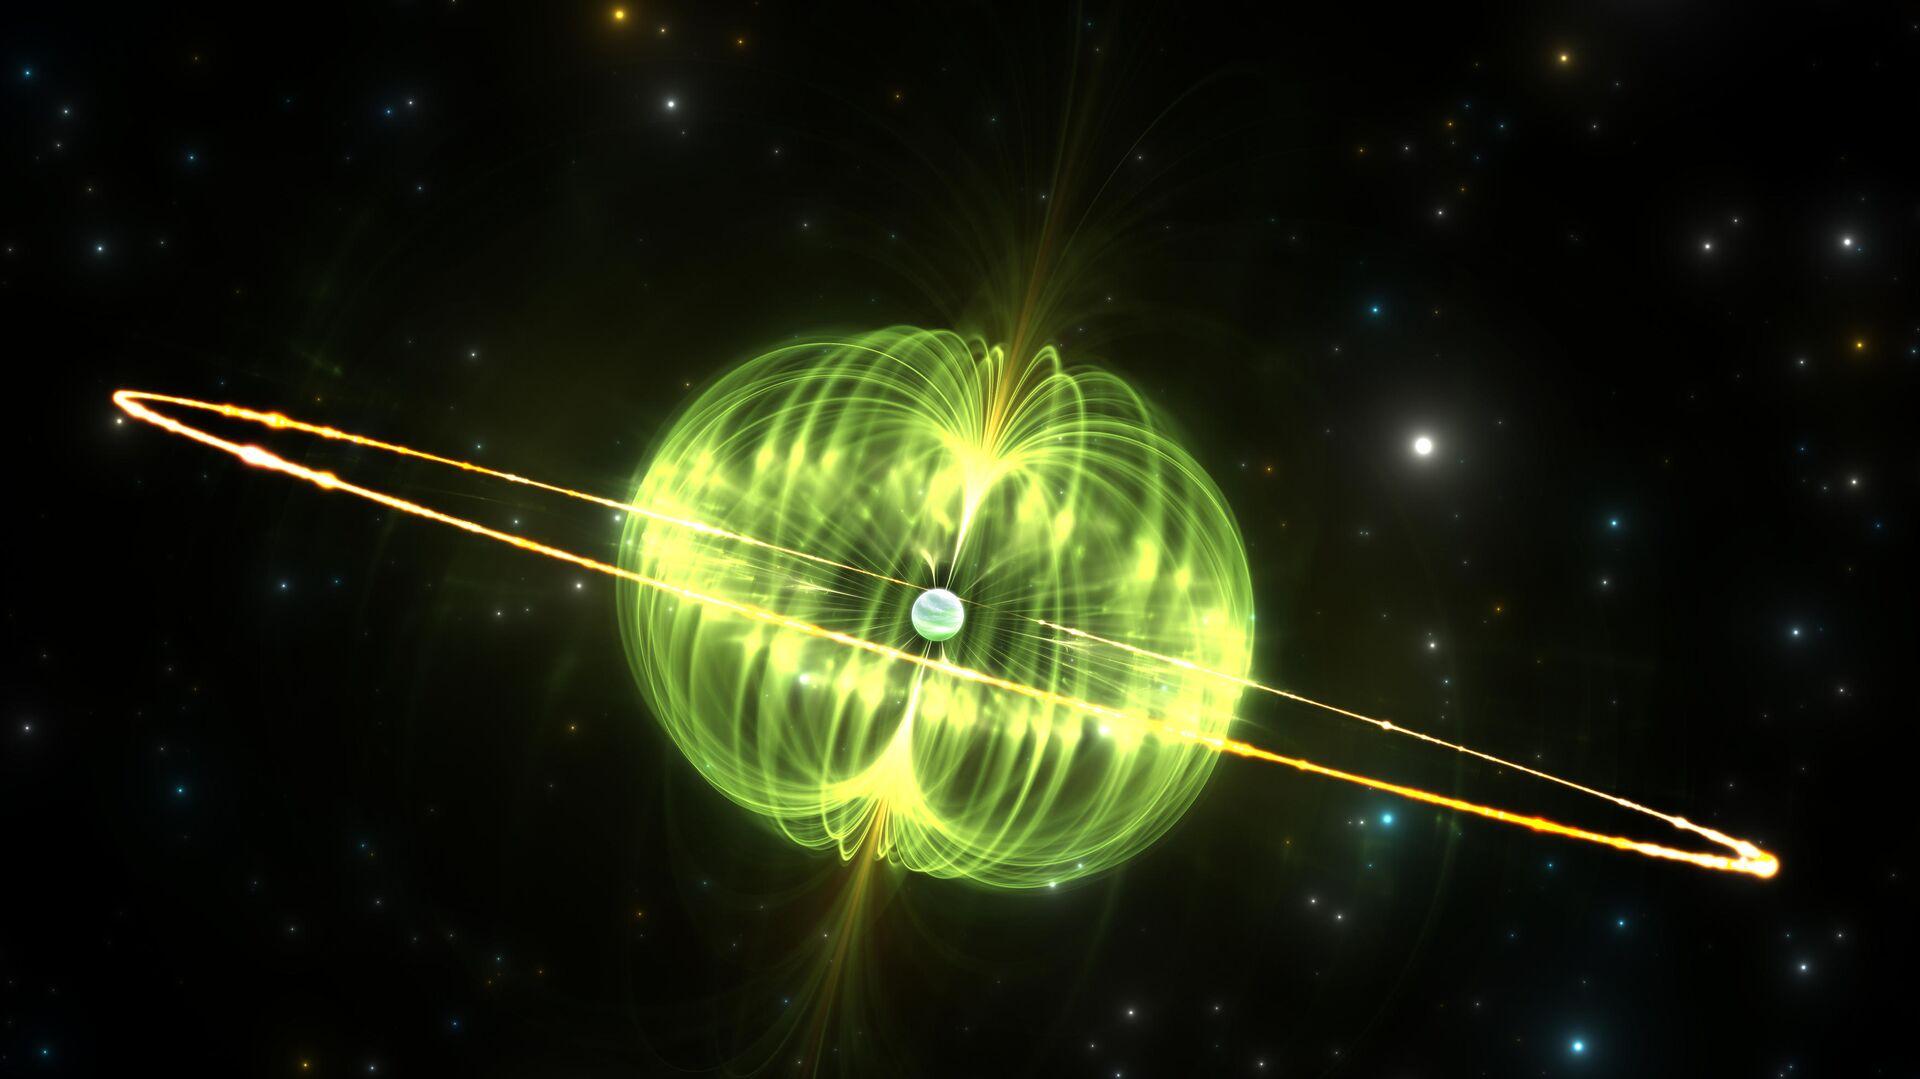 Магнитар — нейтронная звезда с очень сильным магнитным полем. Один из вероятных кандидатов в источники быстрых радиовсплесков. - РИА Новости, 1920, 12.07.2019